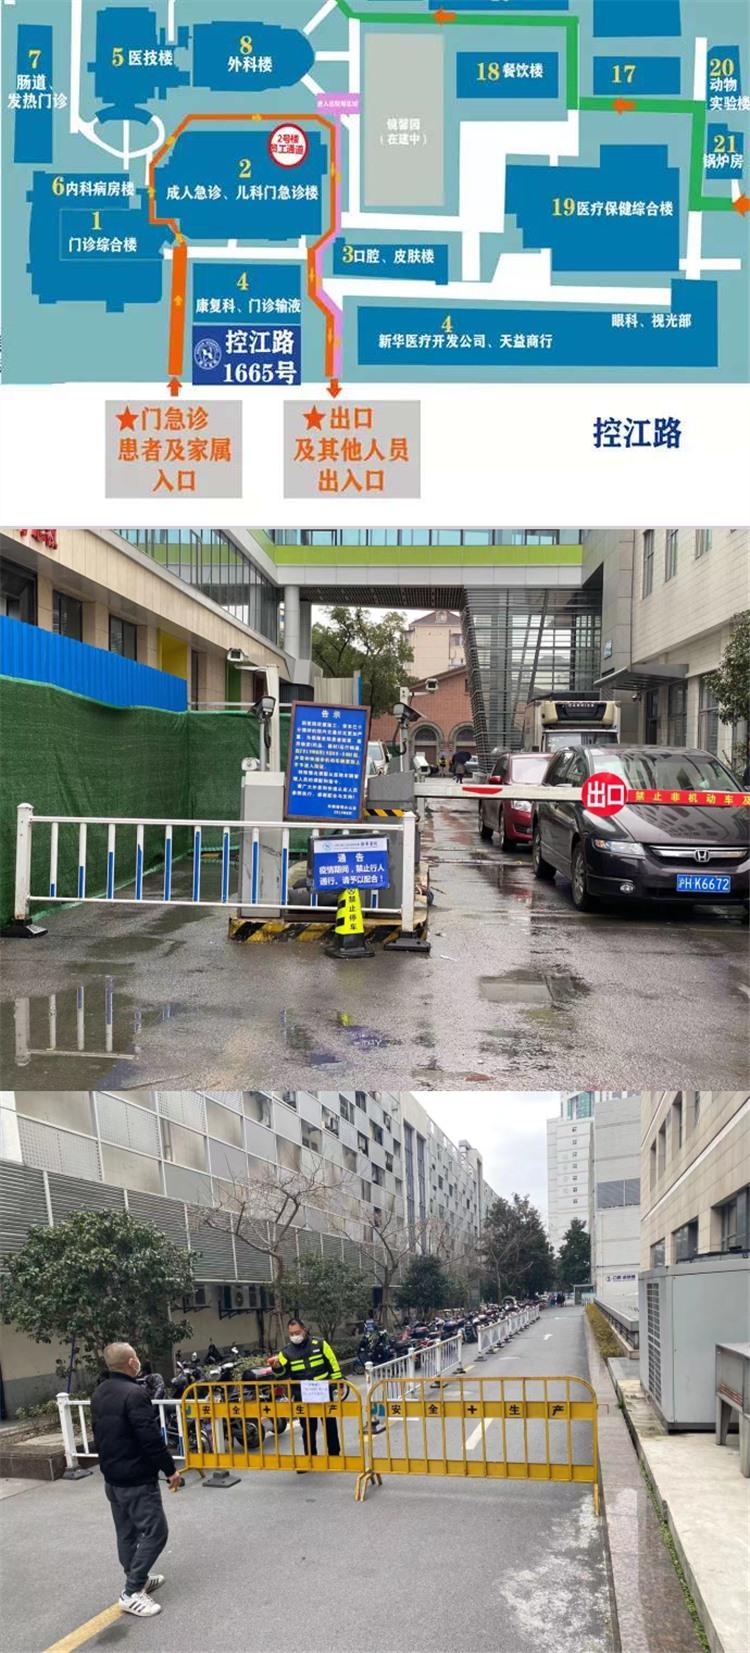 新华医院——外来就诊行人控制在控江路进出,并在内部通道进行隔绝,其他通道仅内部人员使用。